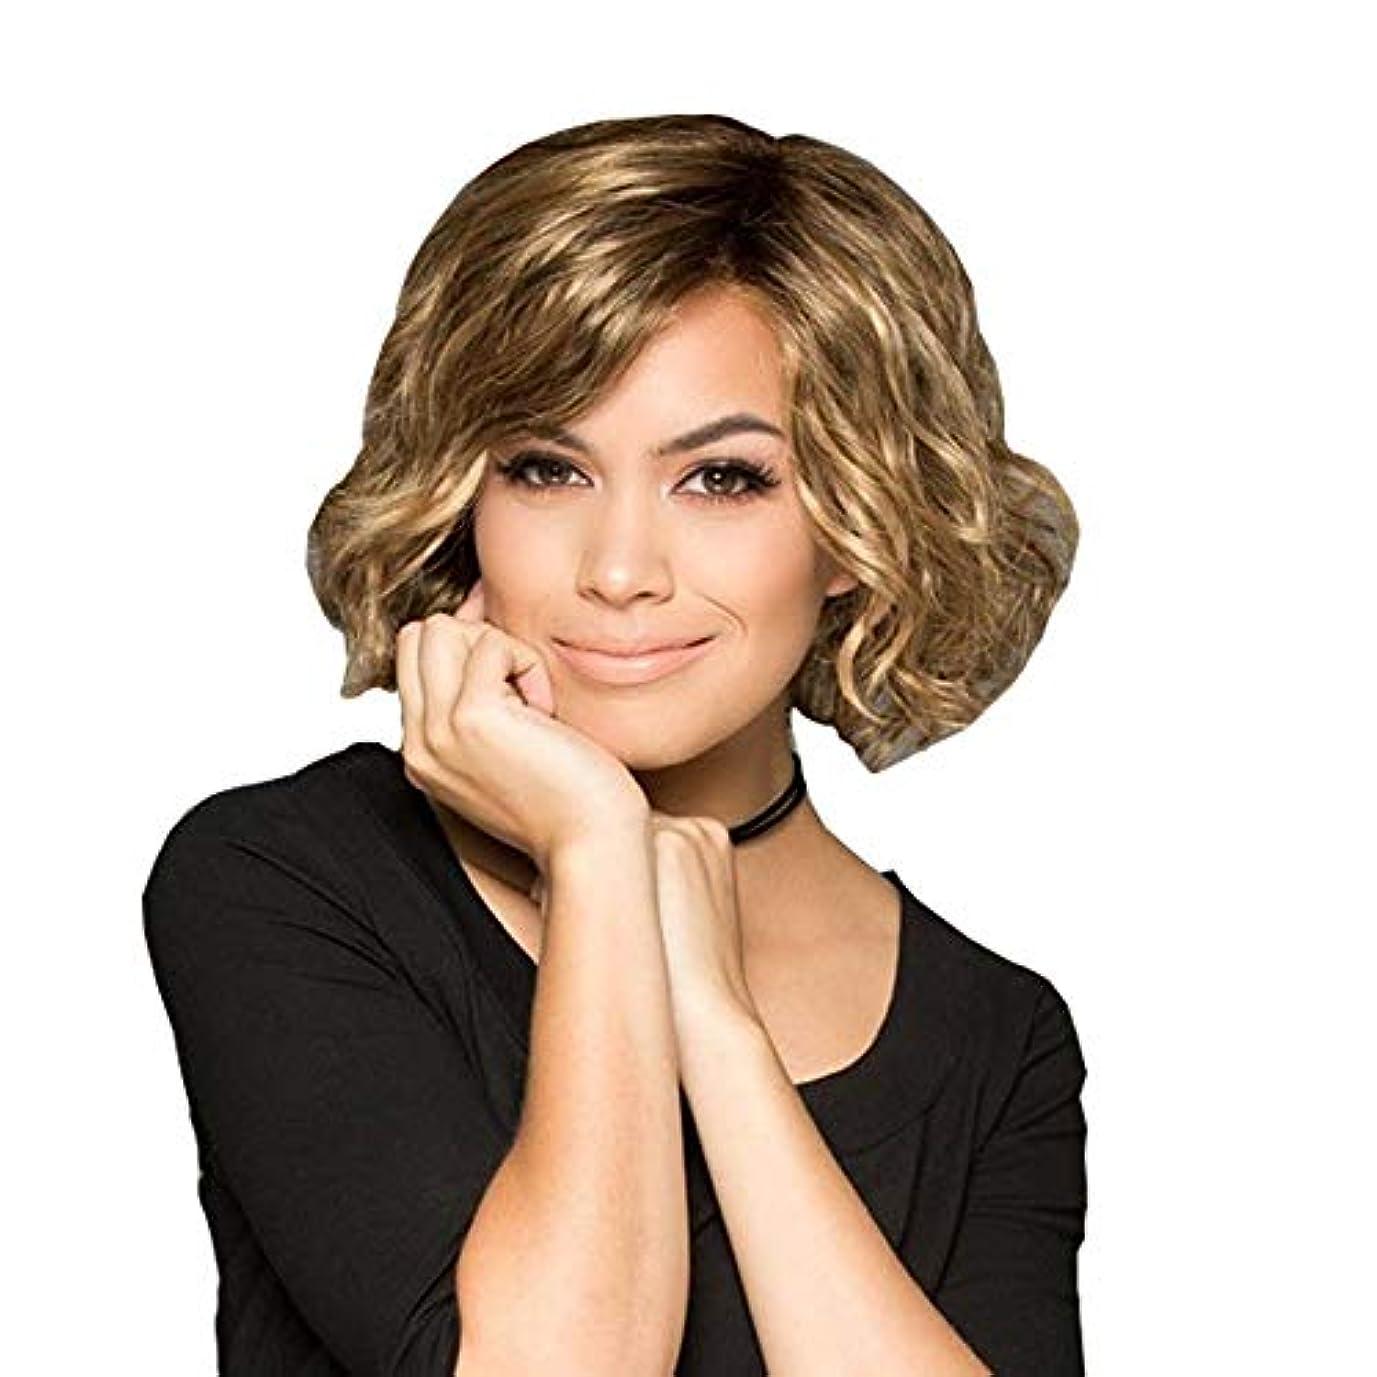 交通渋滞口頭ハドルYOUQIU 前髪かつらを持つ女性人工毛のためにブロンド髪ショートボブウィッグ (色 : A)